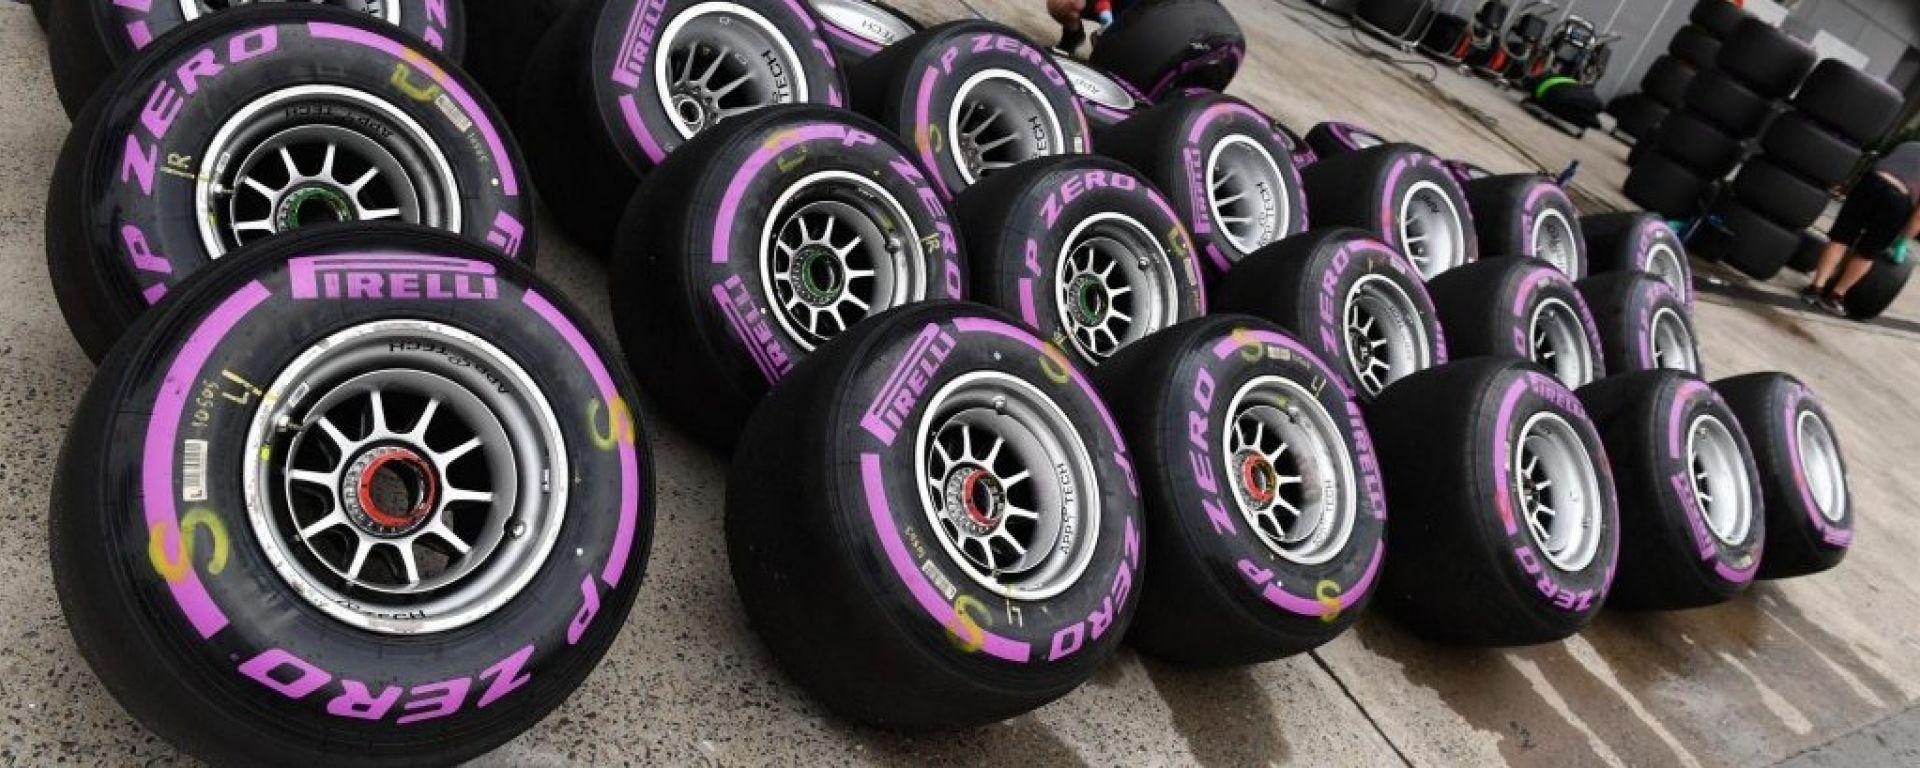 Pirelli F1